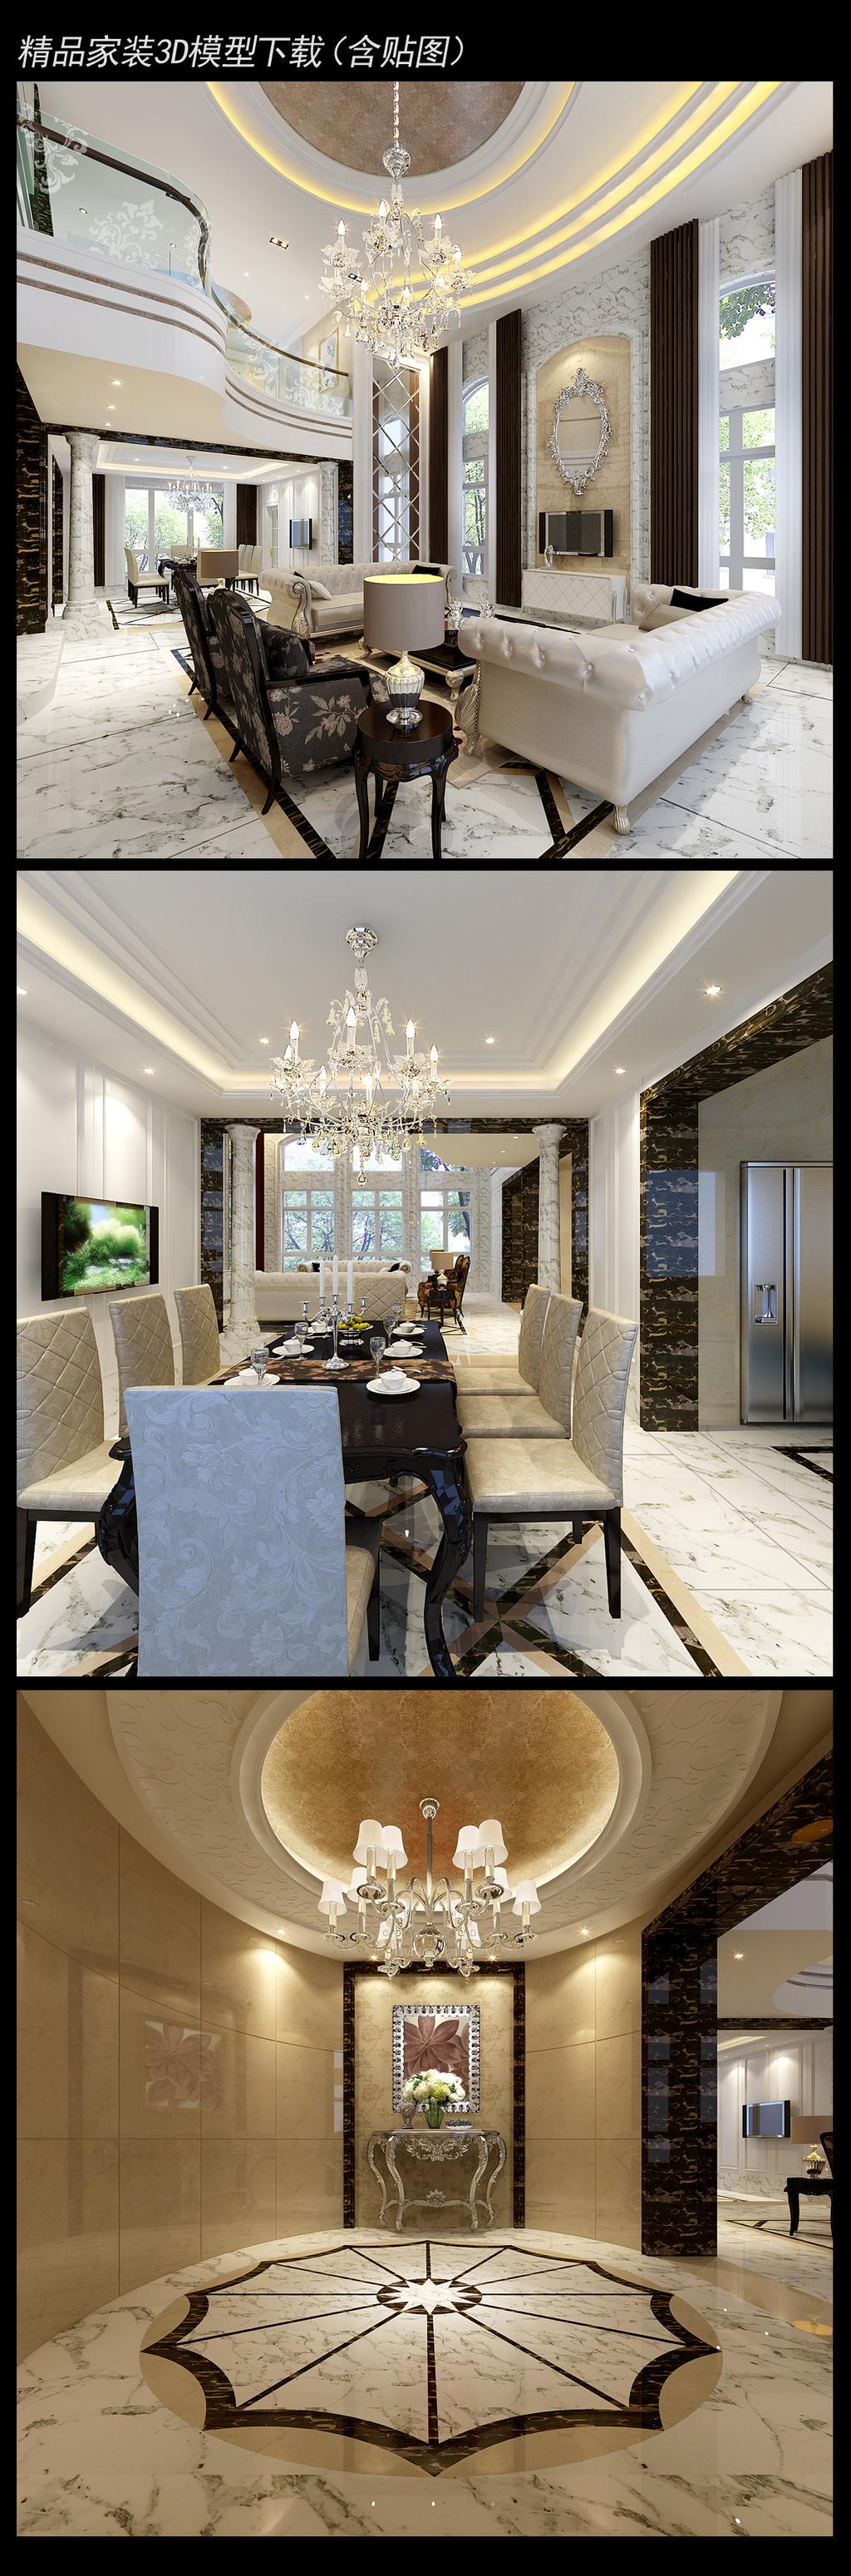 欧式别墅式亮色调家装模型设计